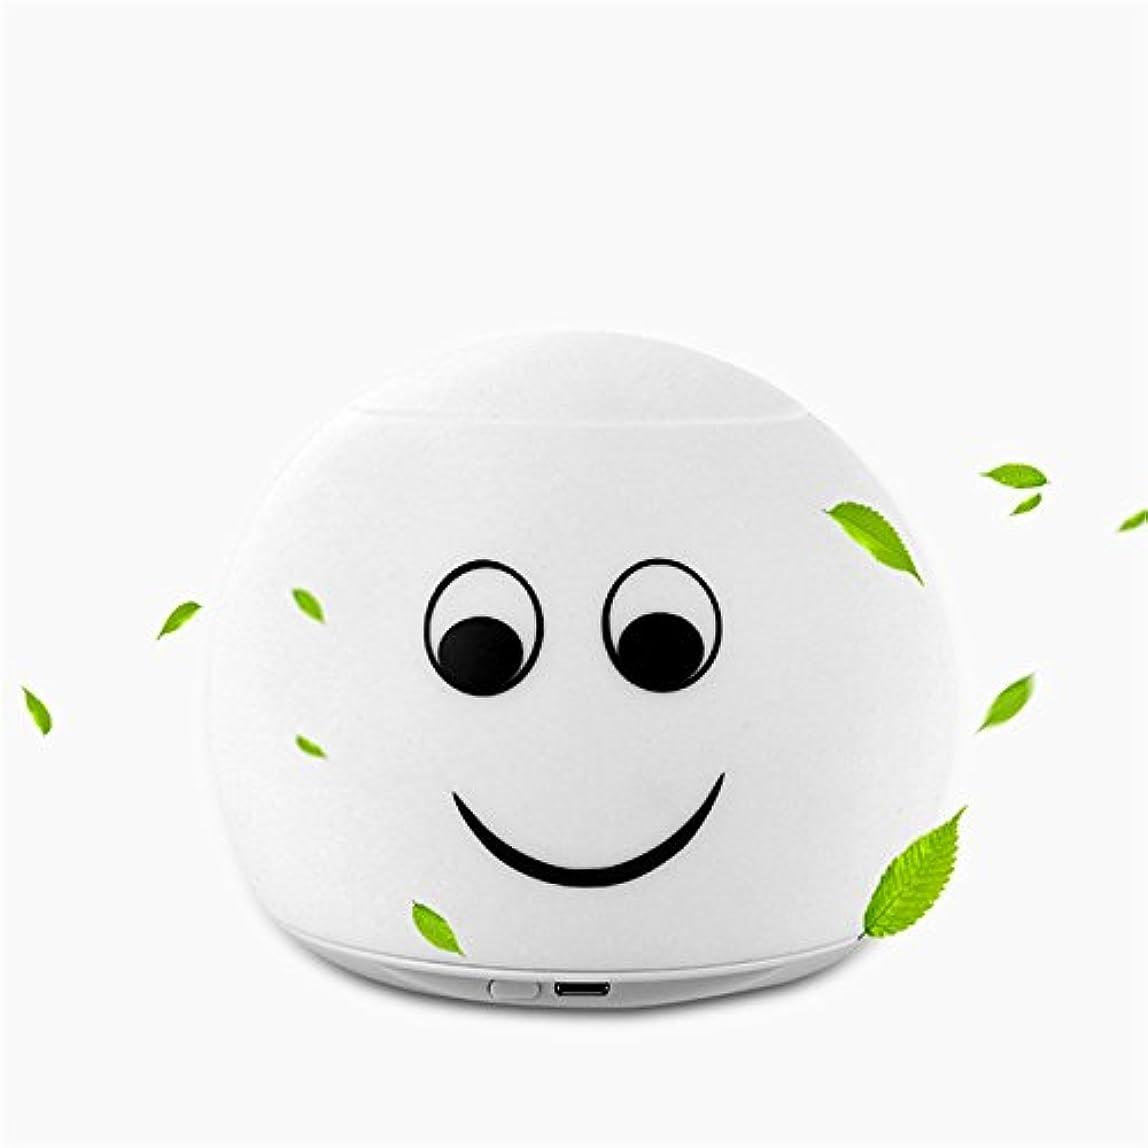 Classicbuy虫除け器 ライト機能付き USB充電ベッドランプ 笑顔ランプ 省エネルギー 多機能 360°シャットアウトゴキブリ/蚊/蟻/蜘蛛/コウモリ有効 無害 赤ちゃんにも安心 便利 輻射なし